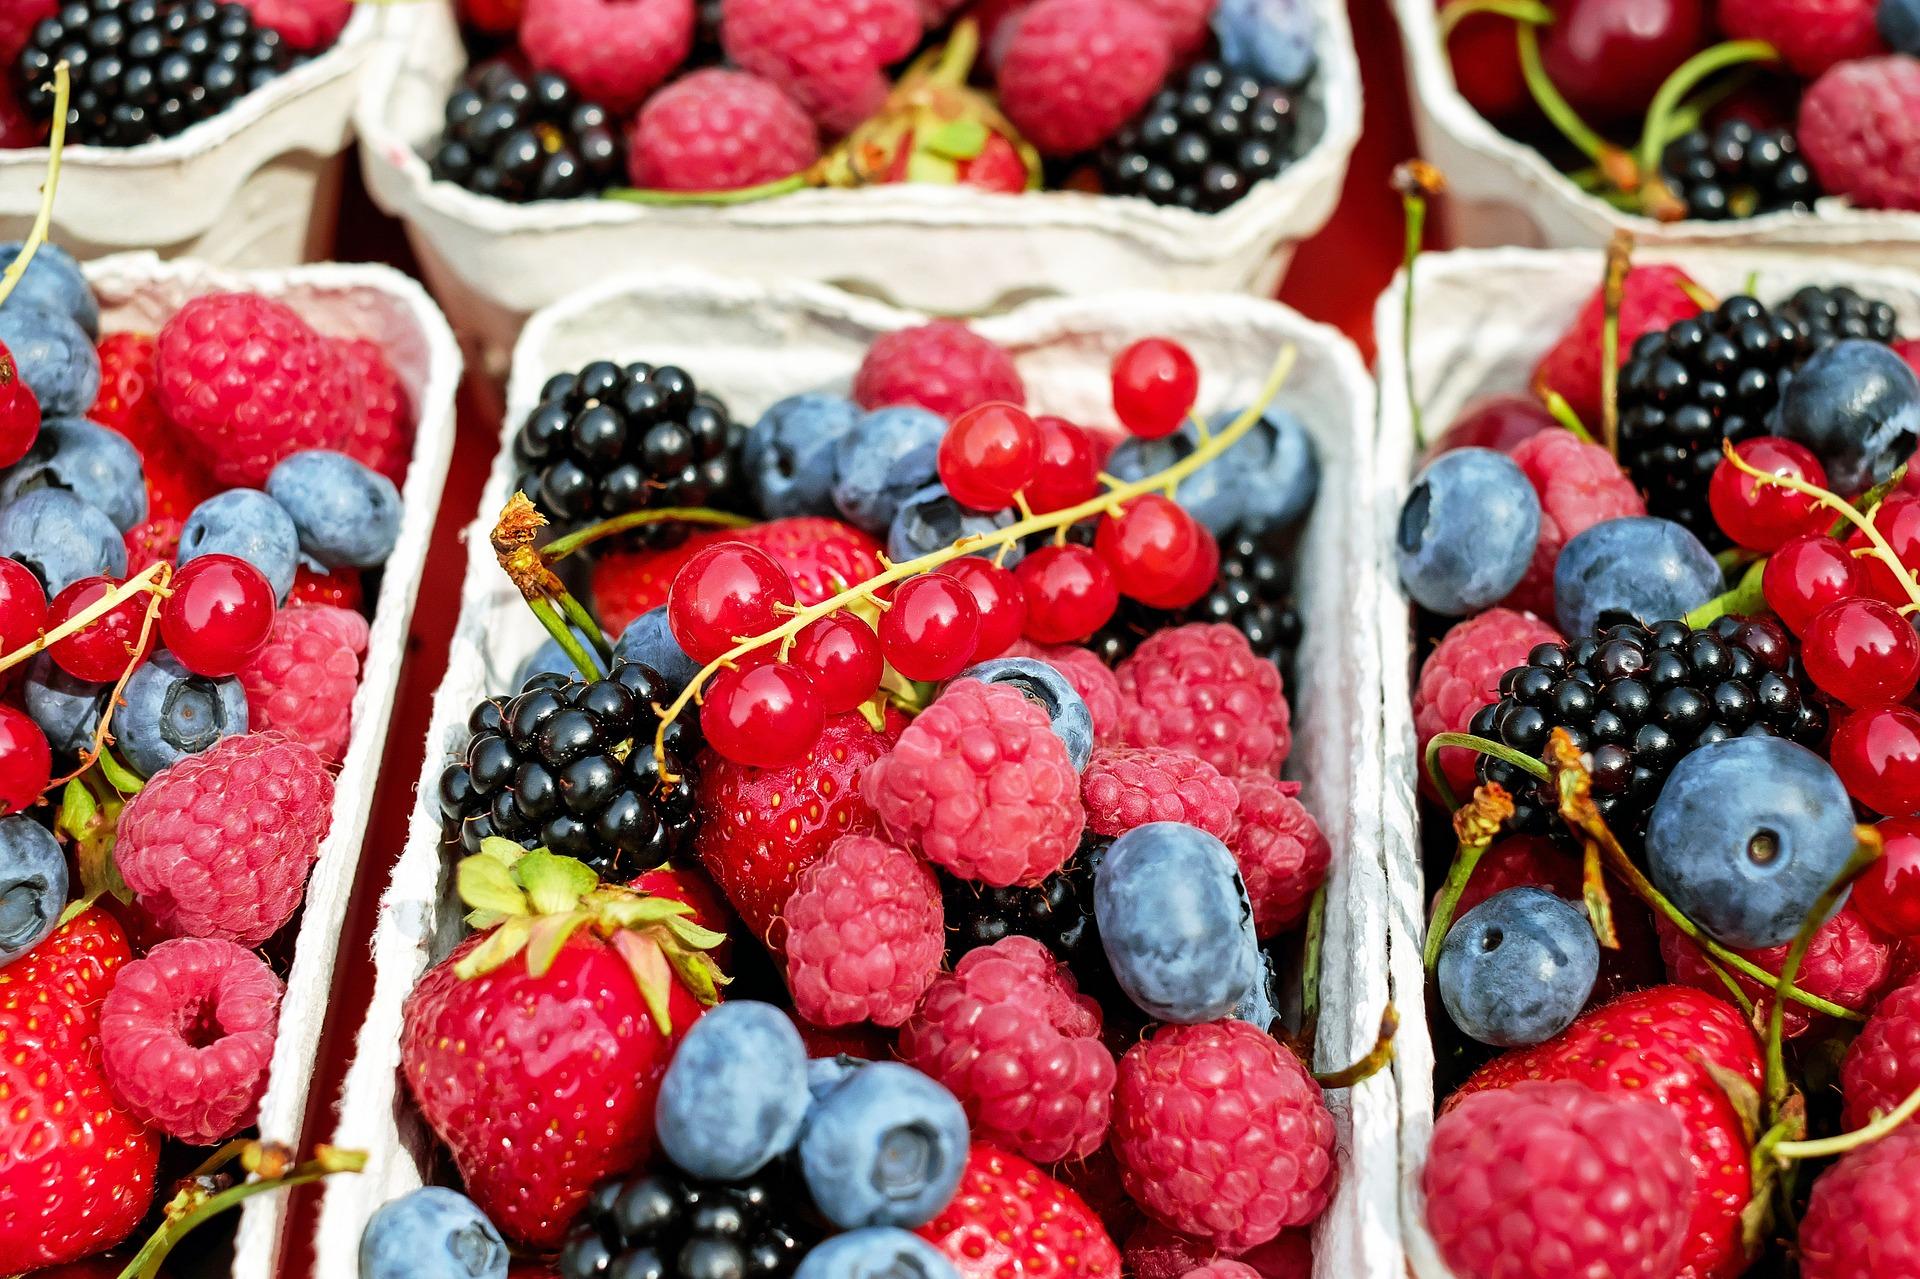 食生活改善!ダイエット中はもちろん日頃から避けたい食品と置き換え食材